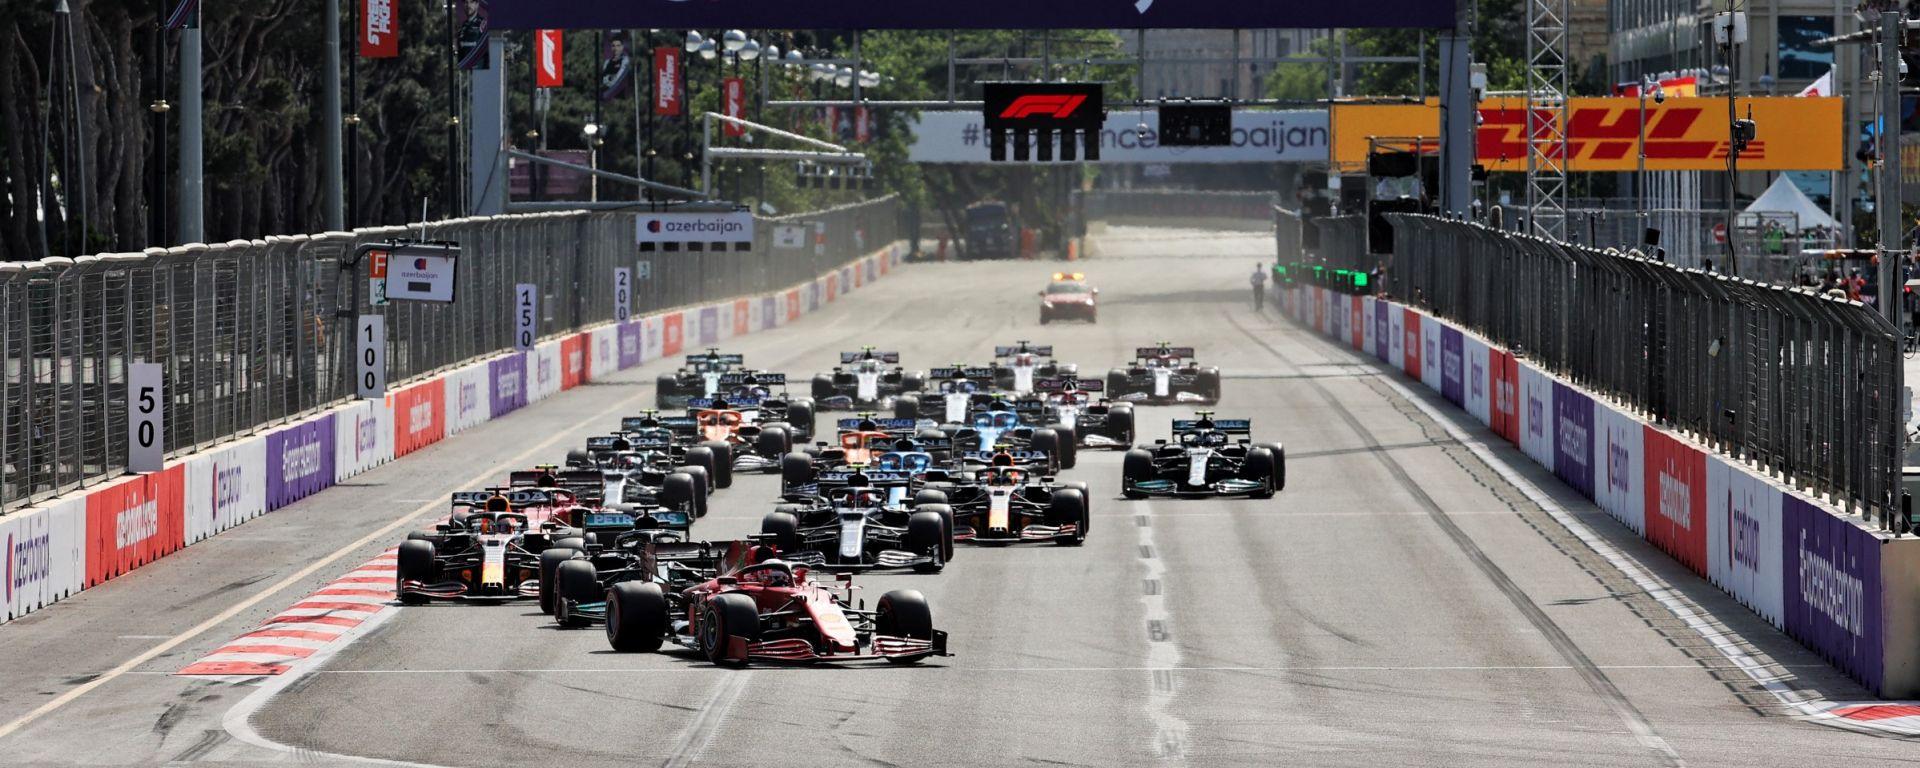 F1, GP Azerbaijan 2021: la partenza della gara